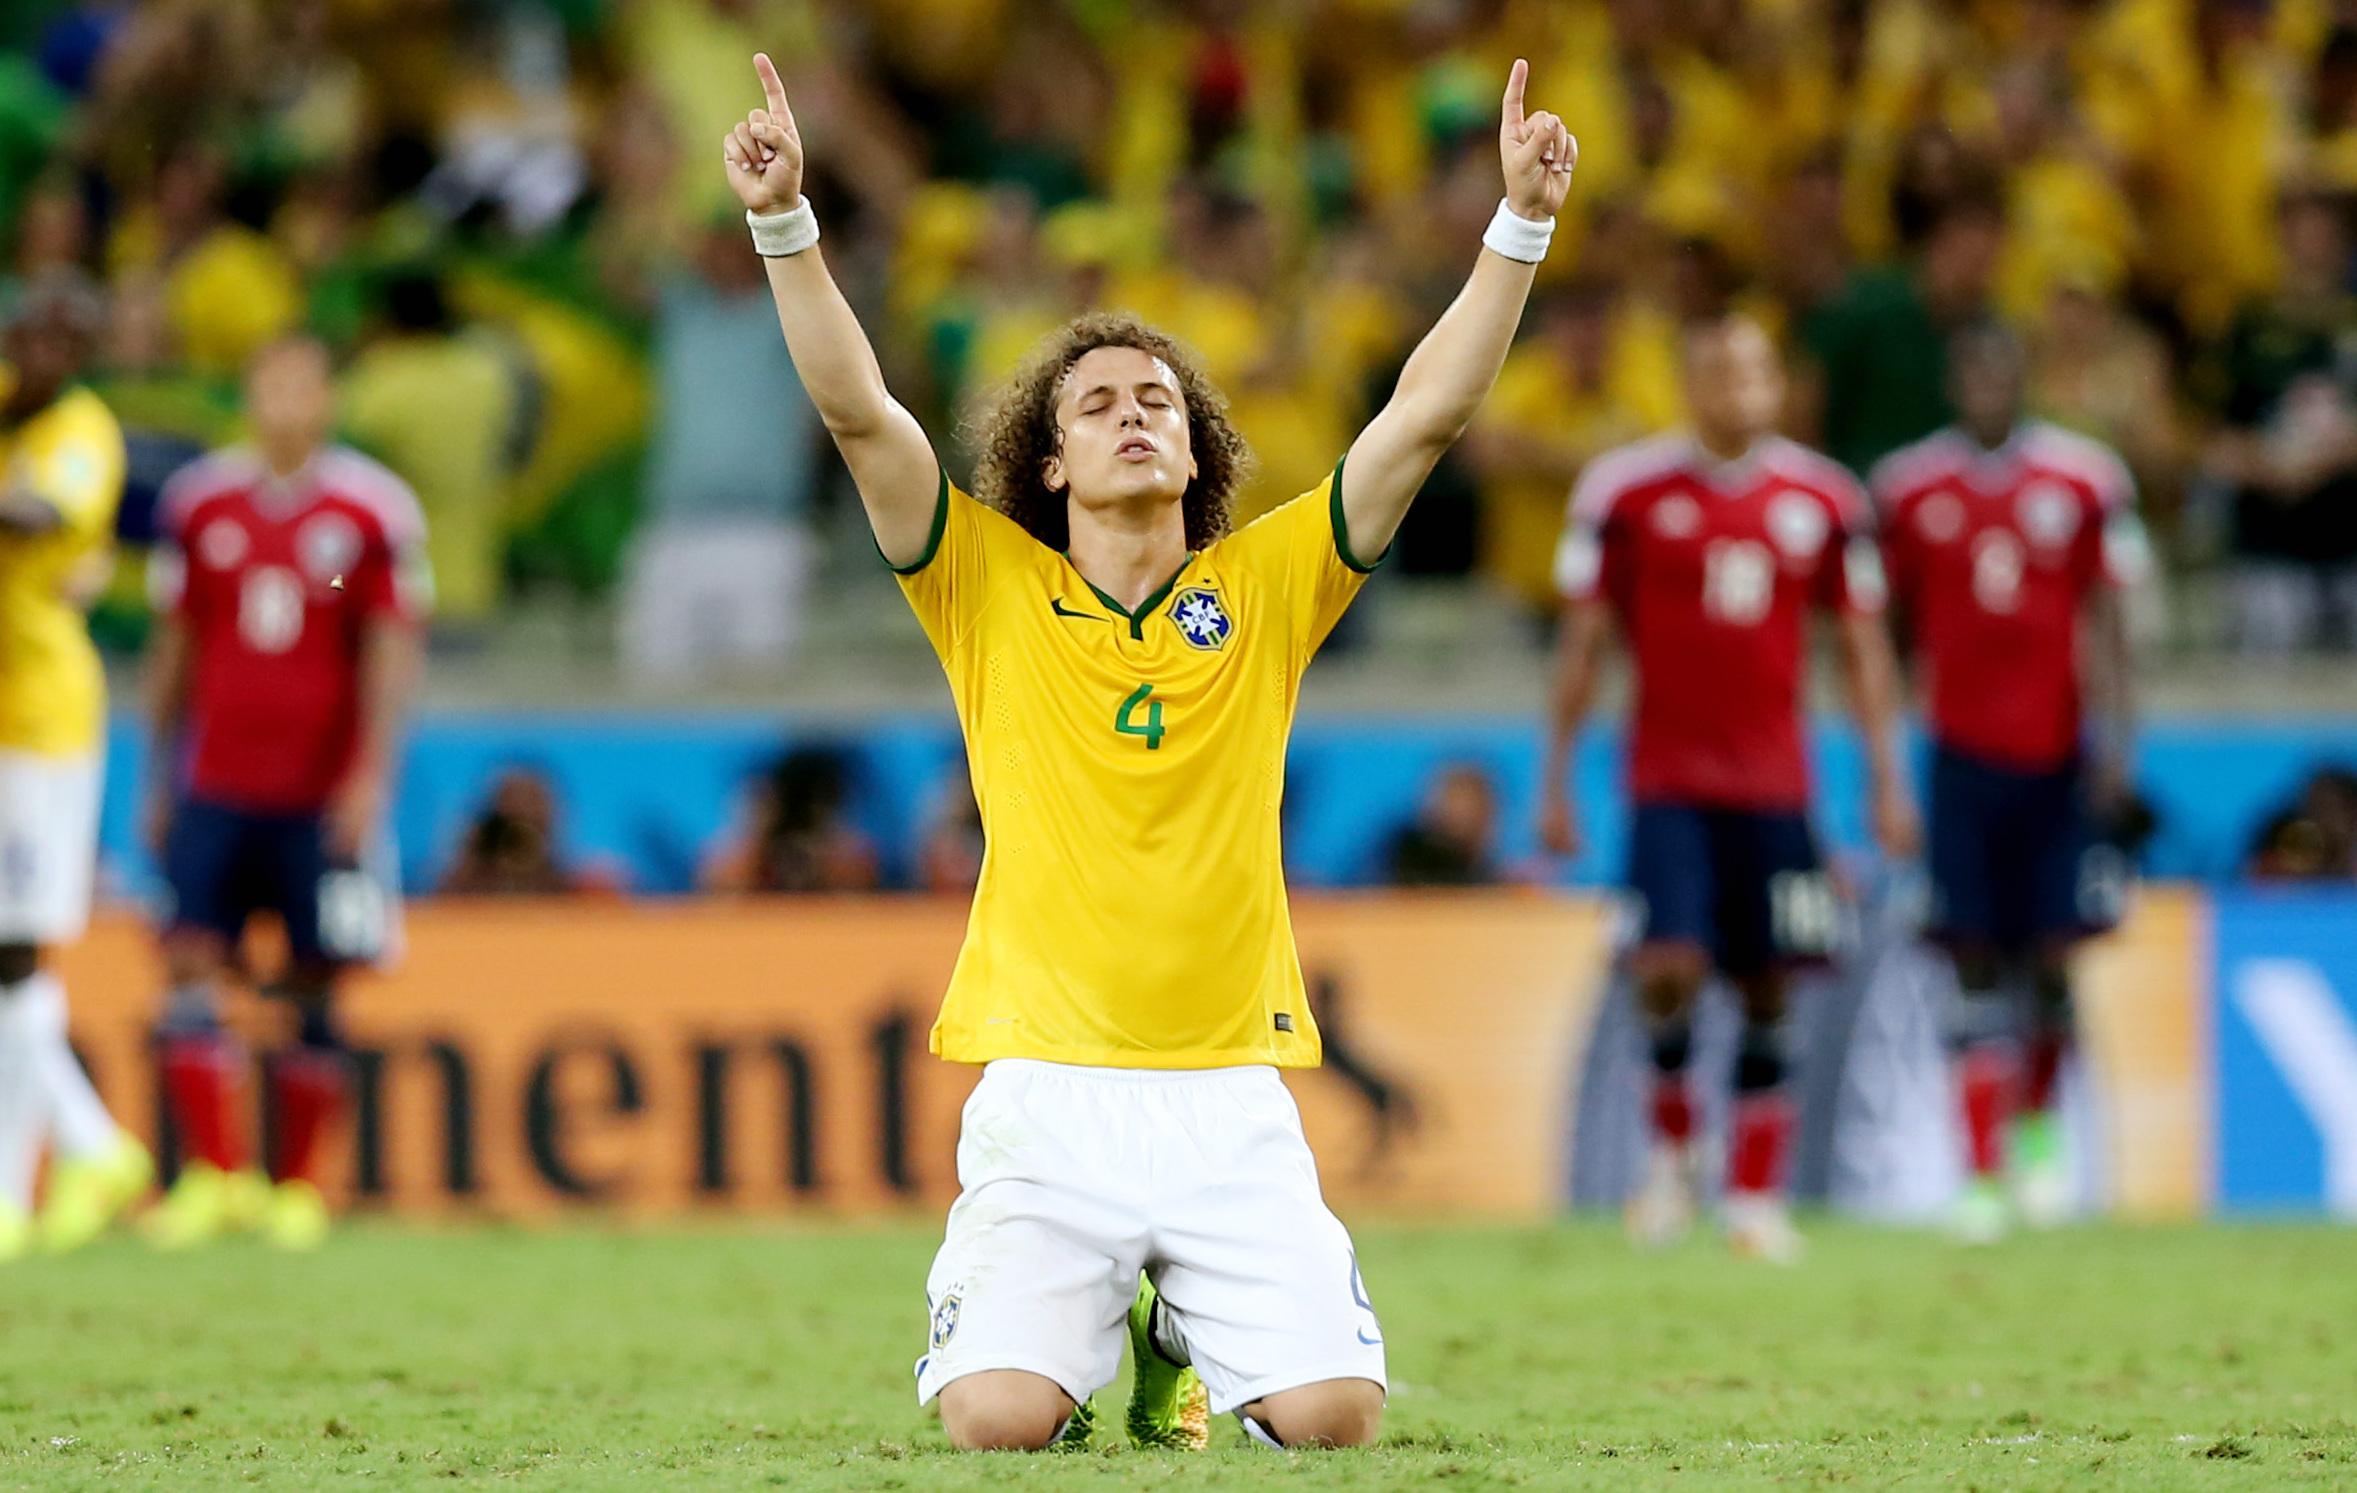 David luiz l me de la sele ao 2014 br sil coupe du monde football - Jeux de football coupe du monde 2014 ...